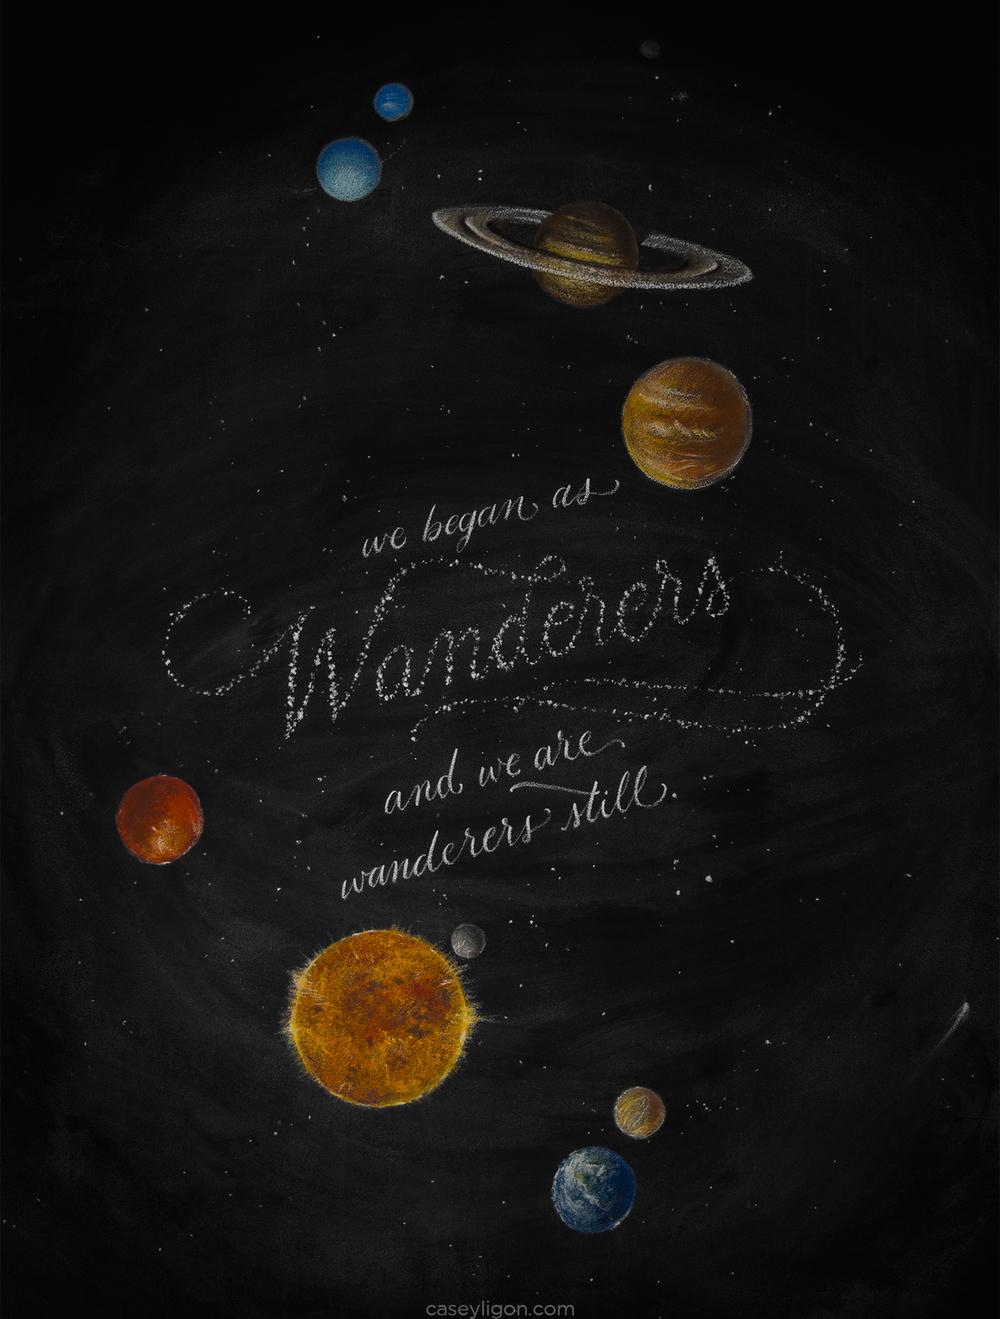 wanderers-casey-ligon